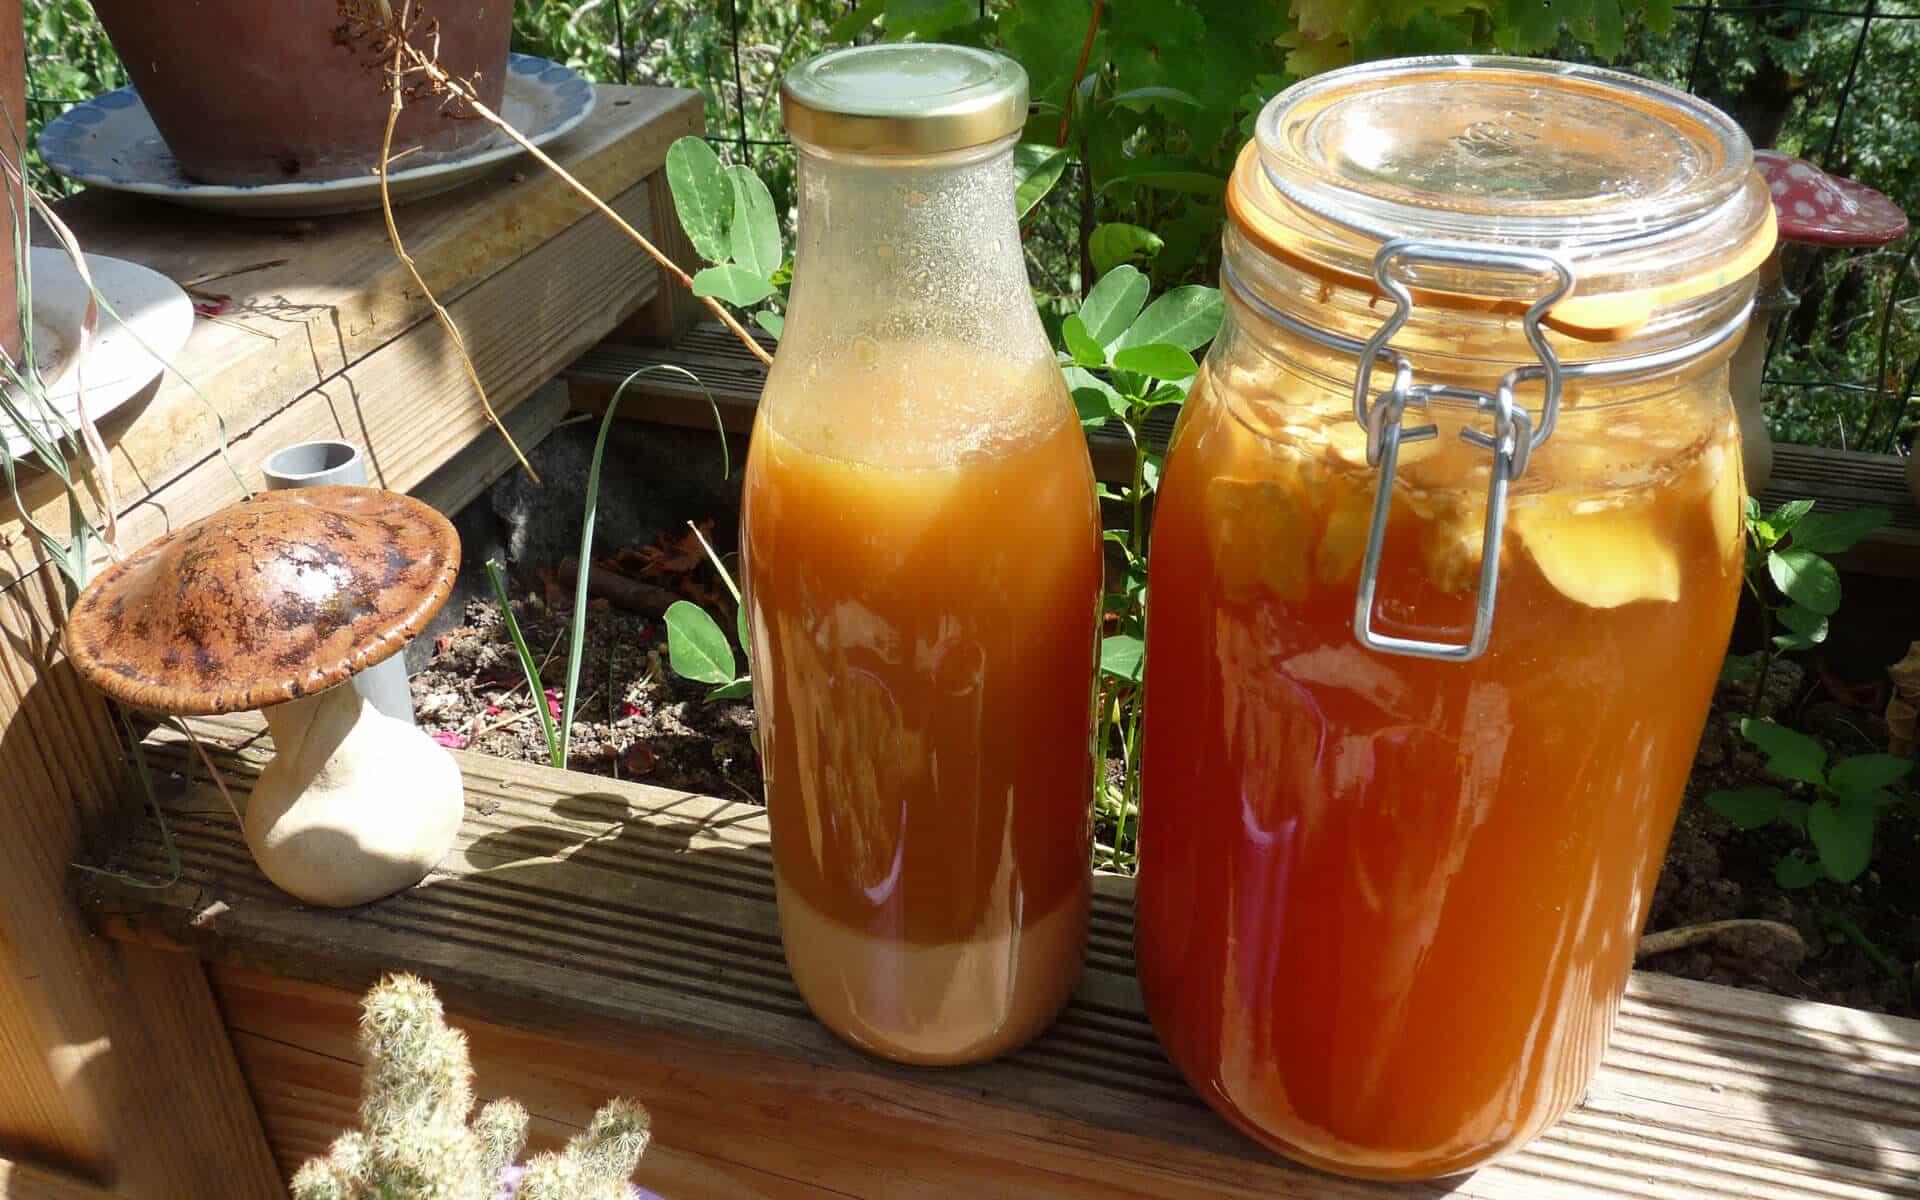 Ginger ale à base de gingembre et citron et bova bulgare à base de levain et farine de millet.